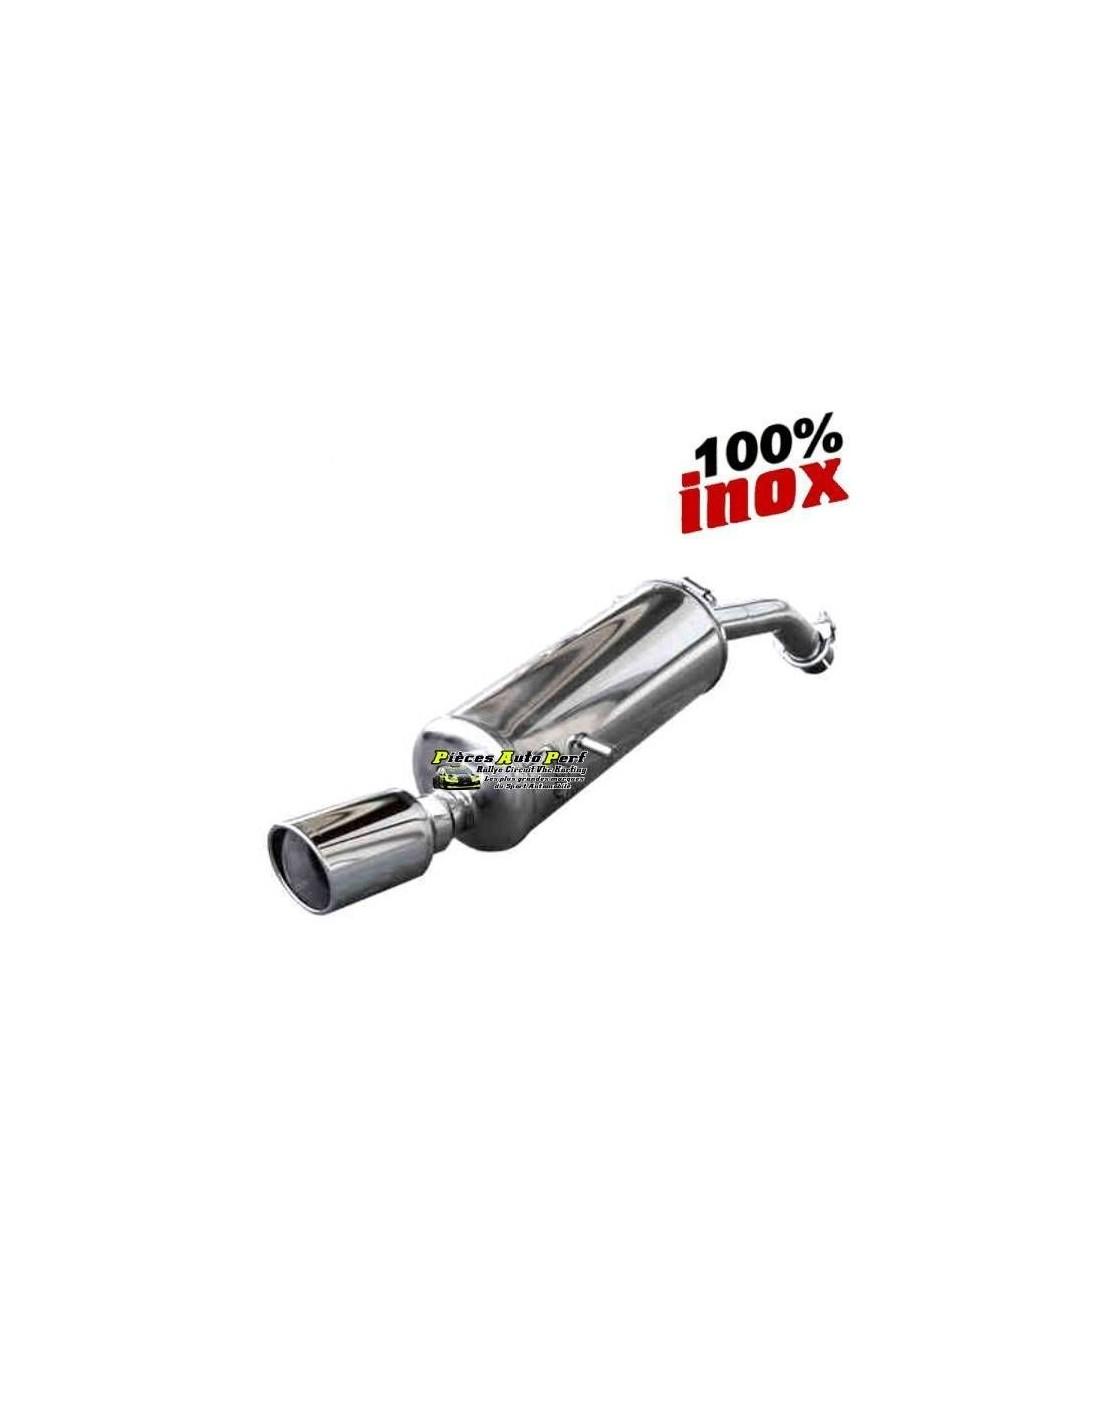 Silencieux sportif inox simple sortie X-Race 90mm Renault